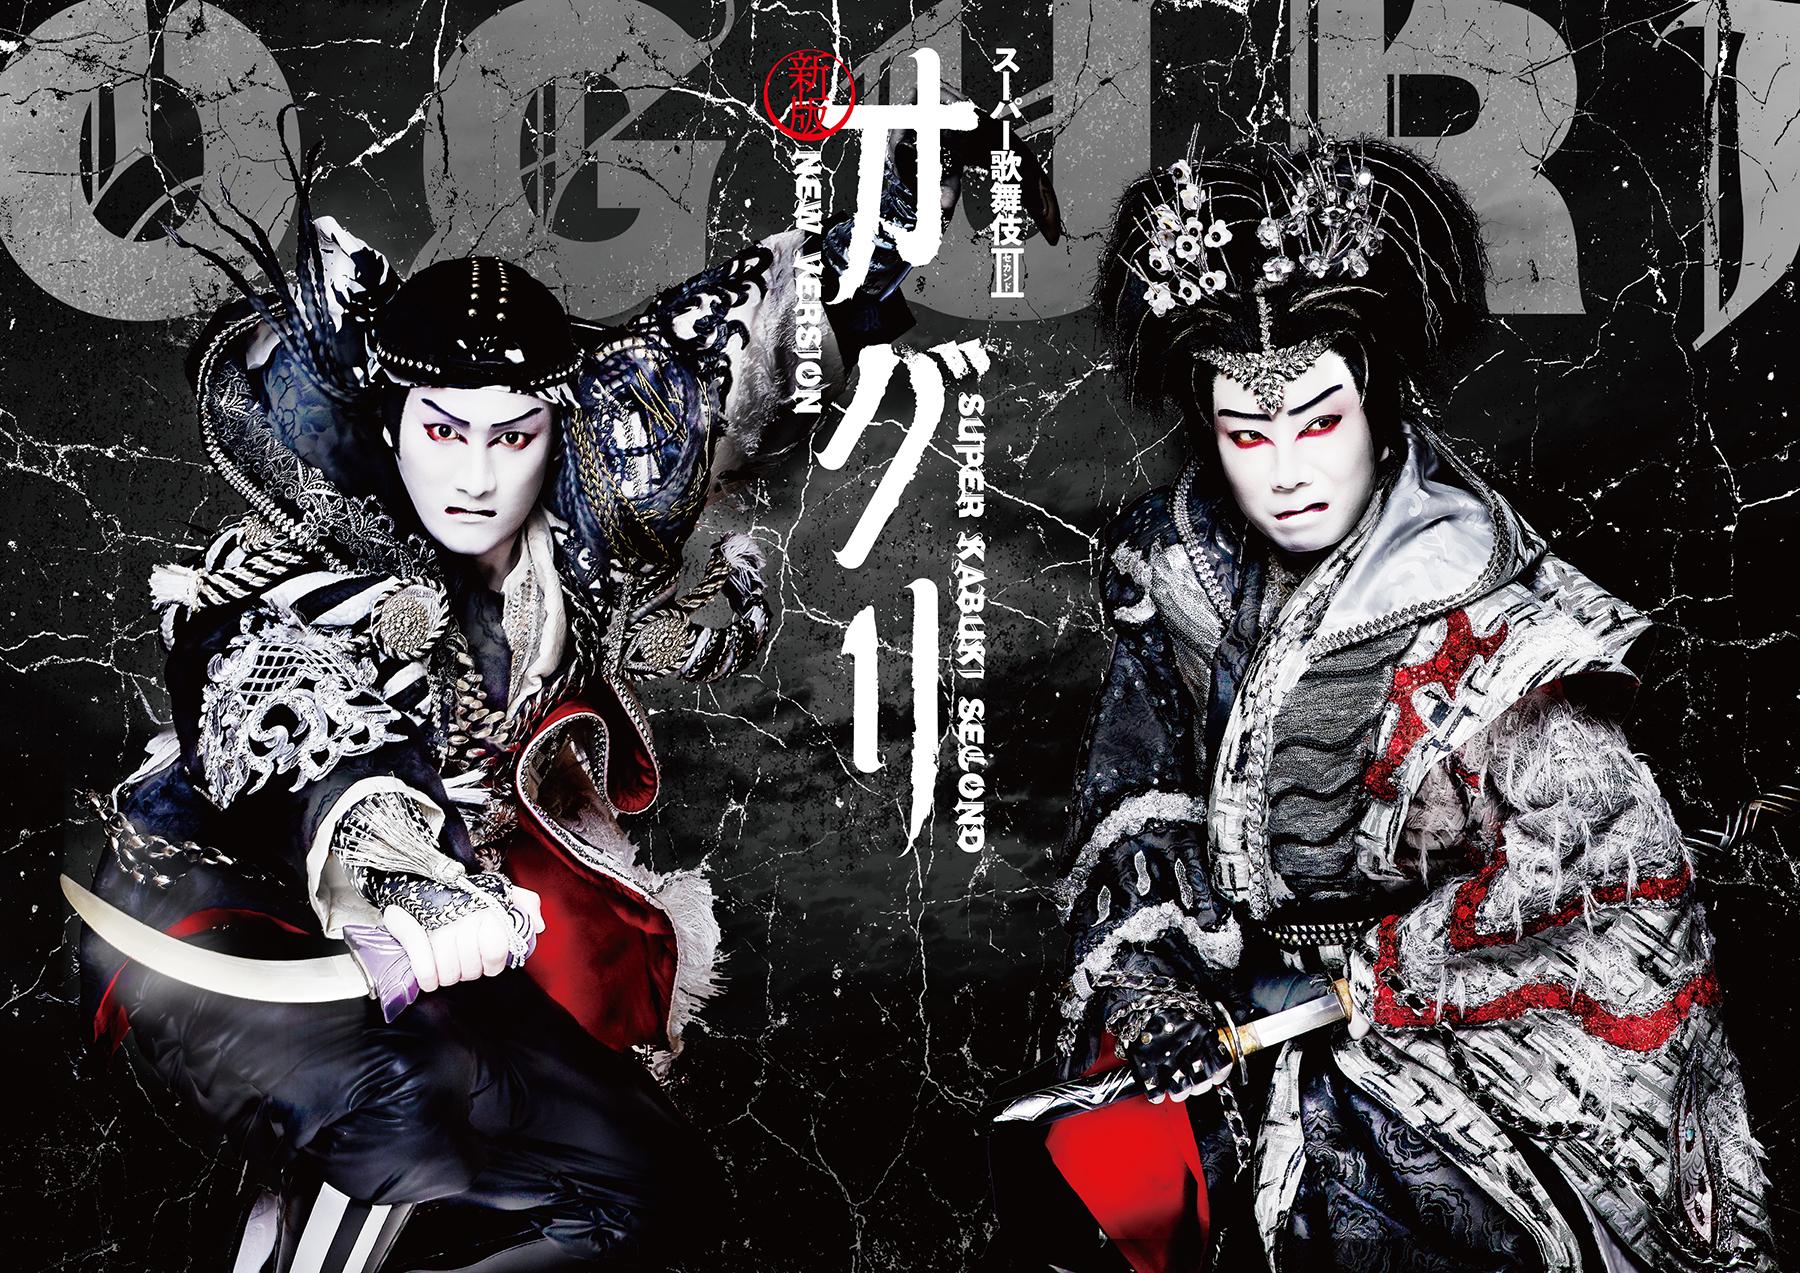 スーパー歌舞伎Ⅱ『新版 オグリ』